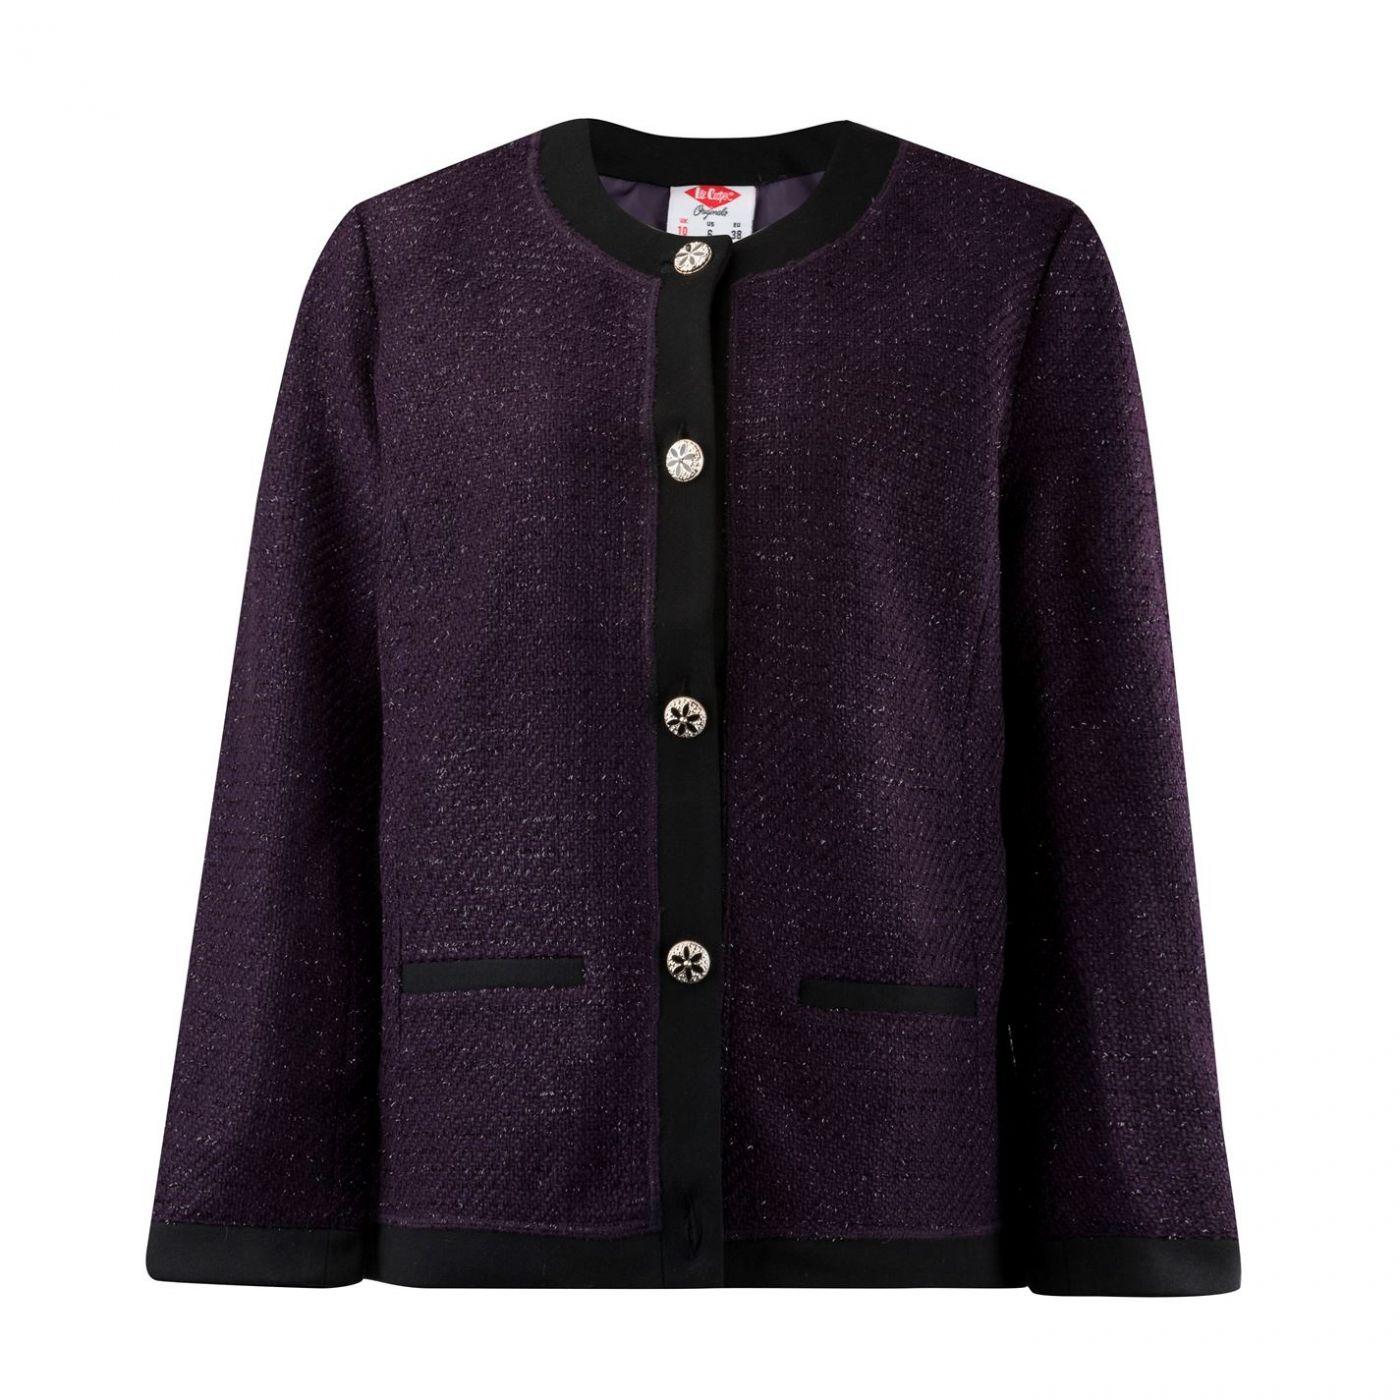 Lee Cooper Cardigan Jacket Ladies